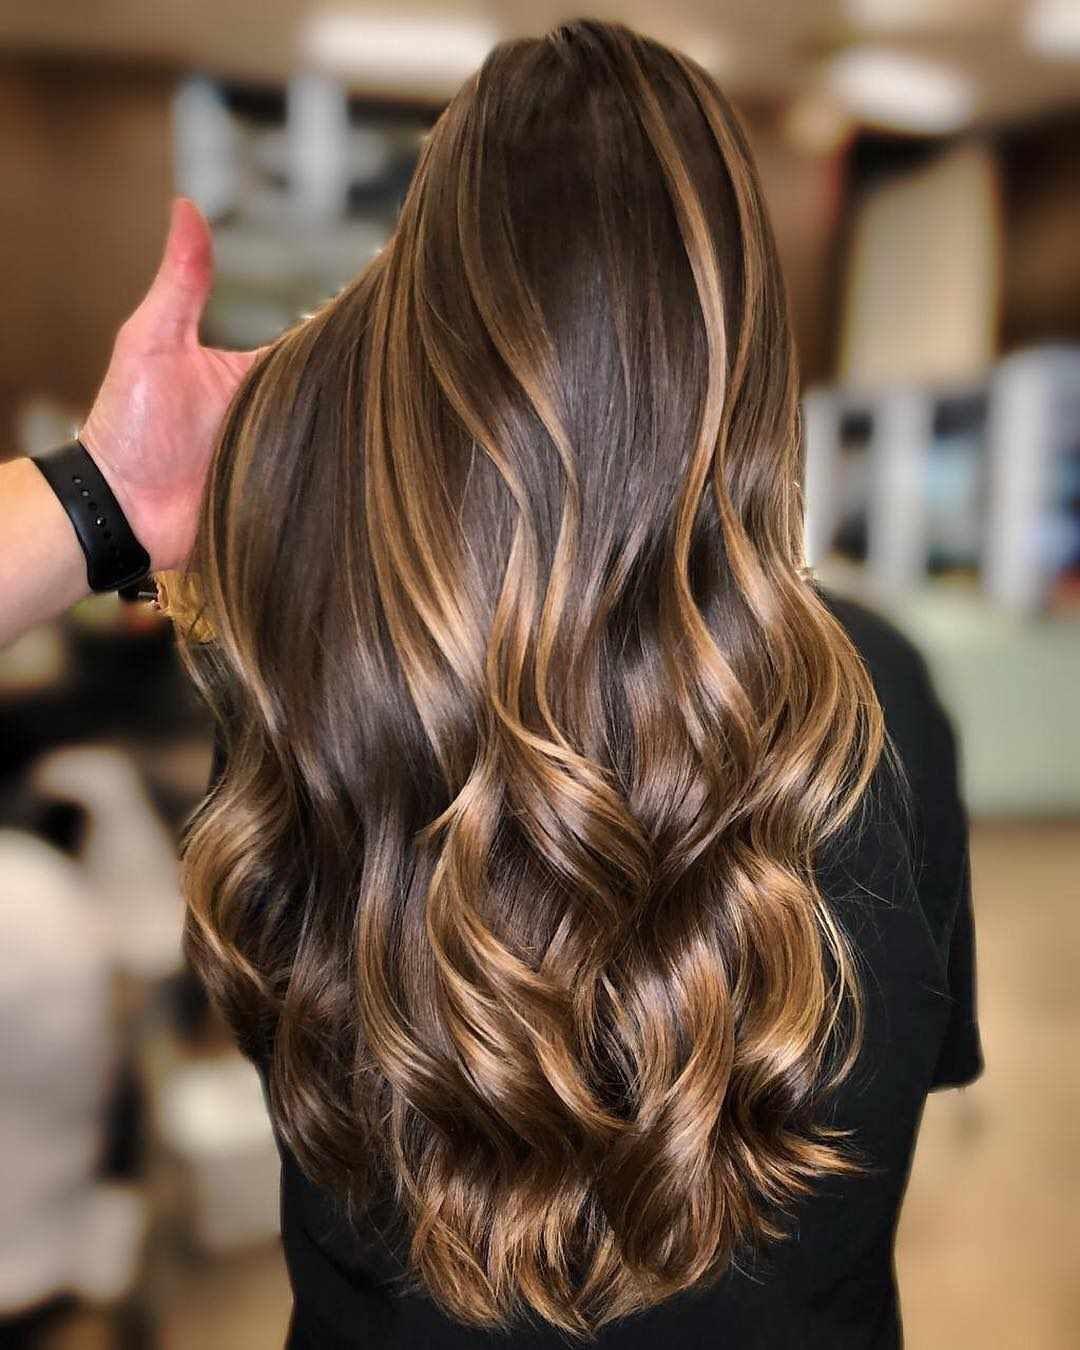 краски смотреть окрашивания волос картинки может